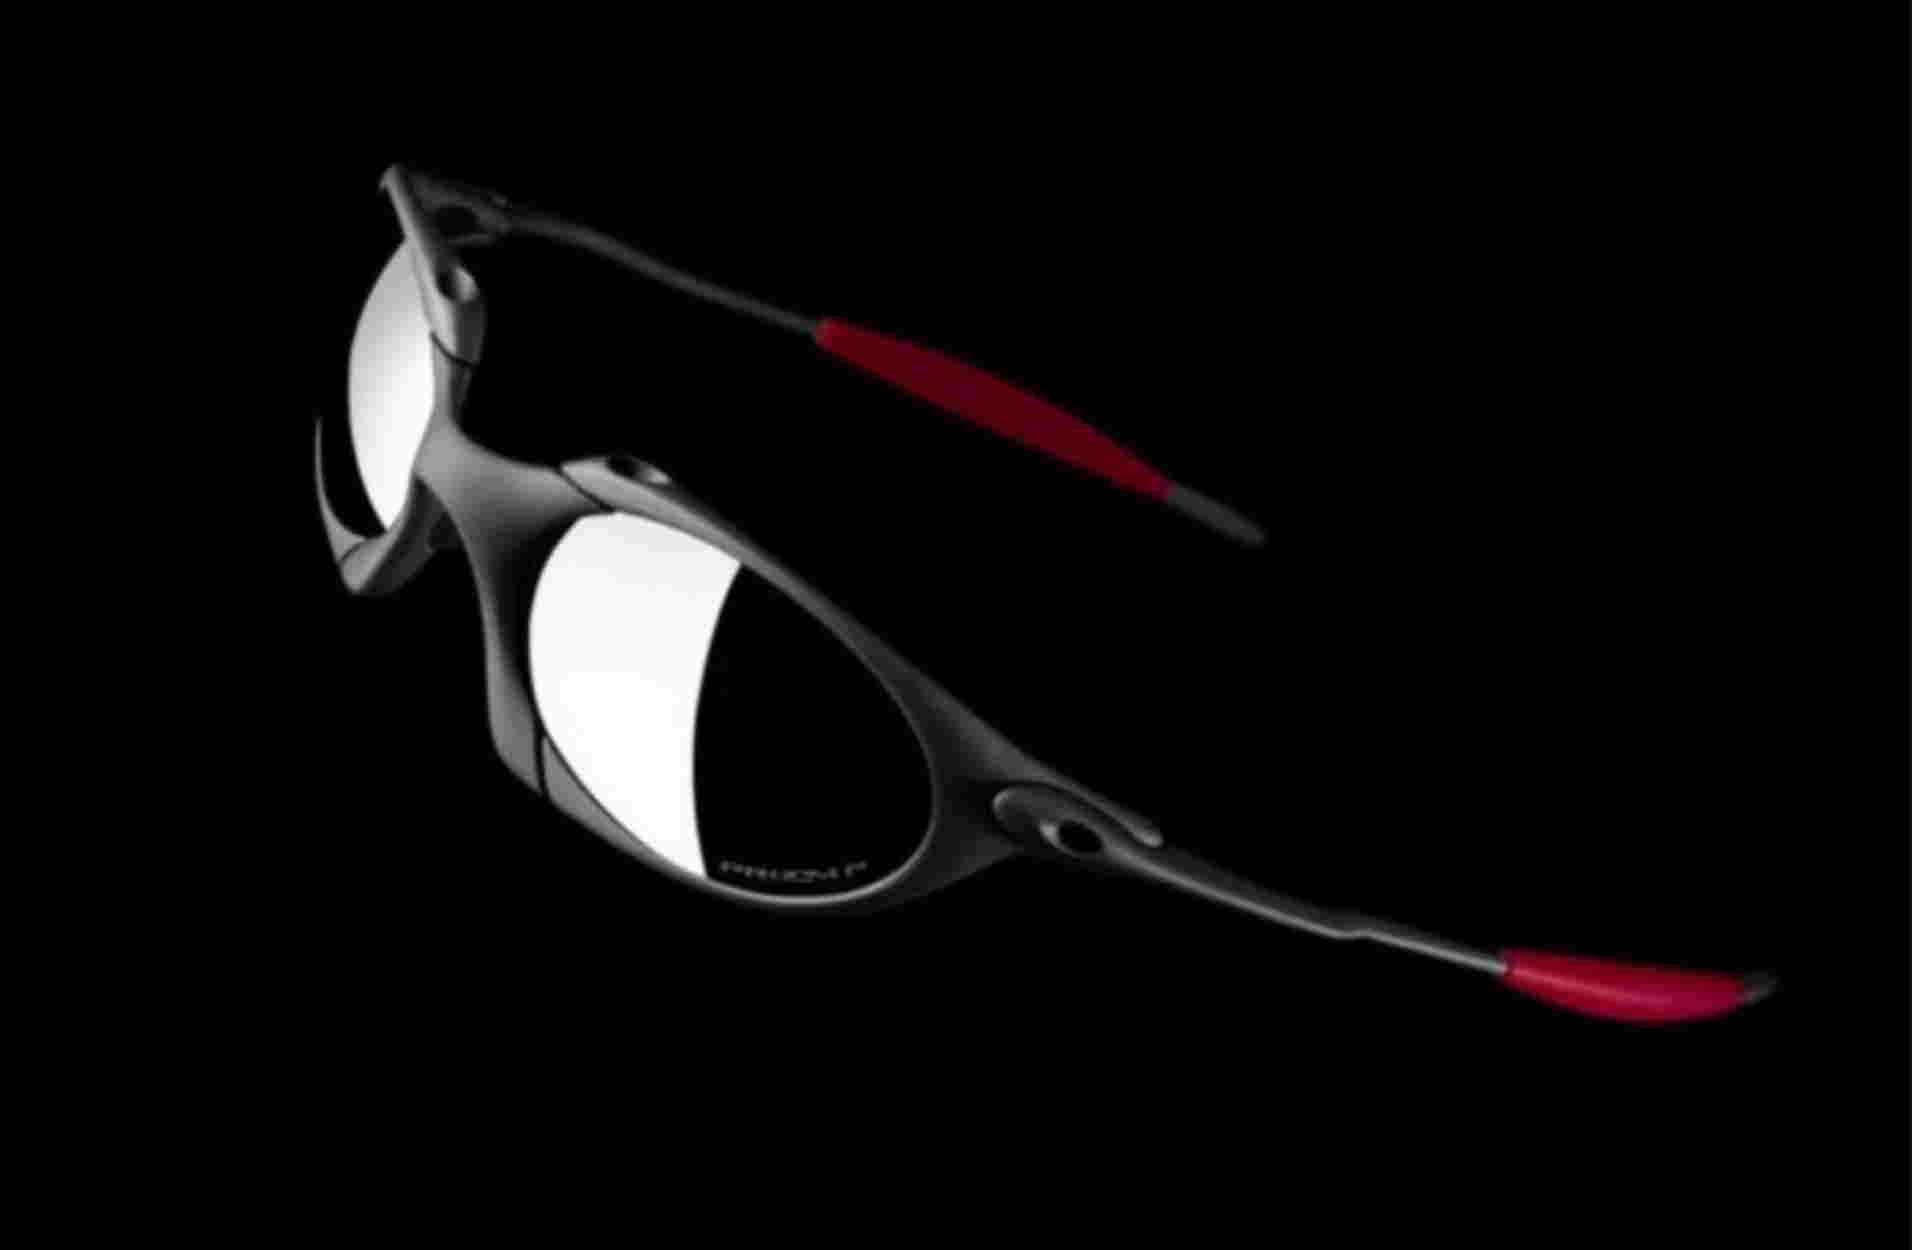 """Τα """"πιο-90's-πεθαίνεις"""" γυαλιά ηλίου του Μάικλ Τζόρνταν είναι και πάλι τάση!"""